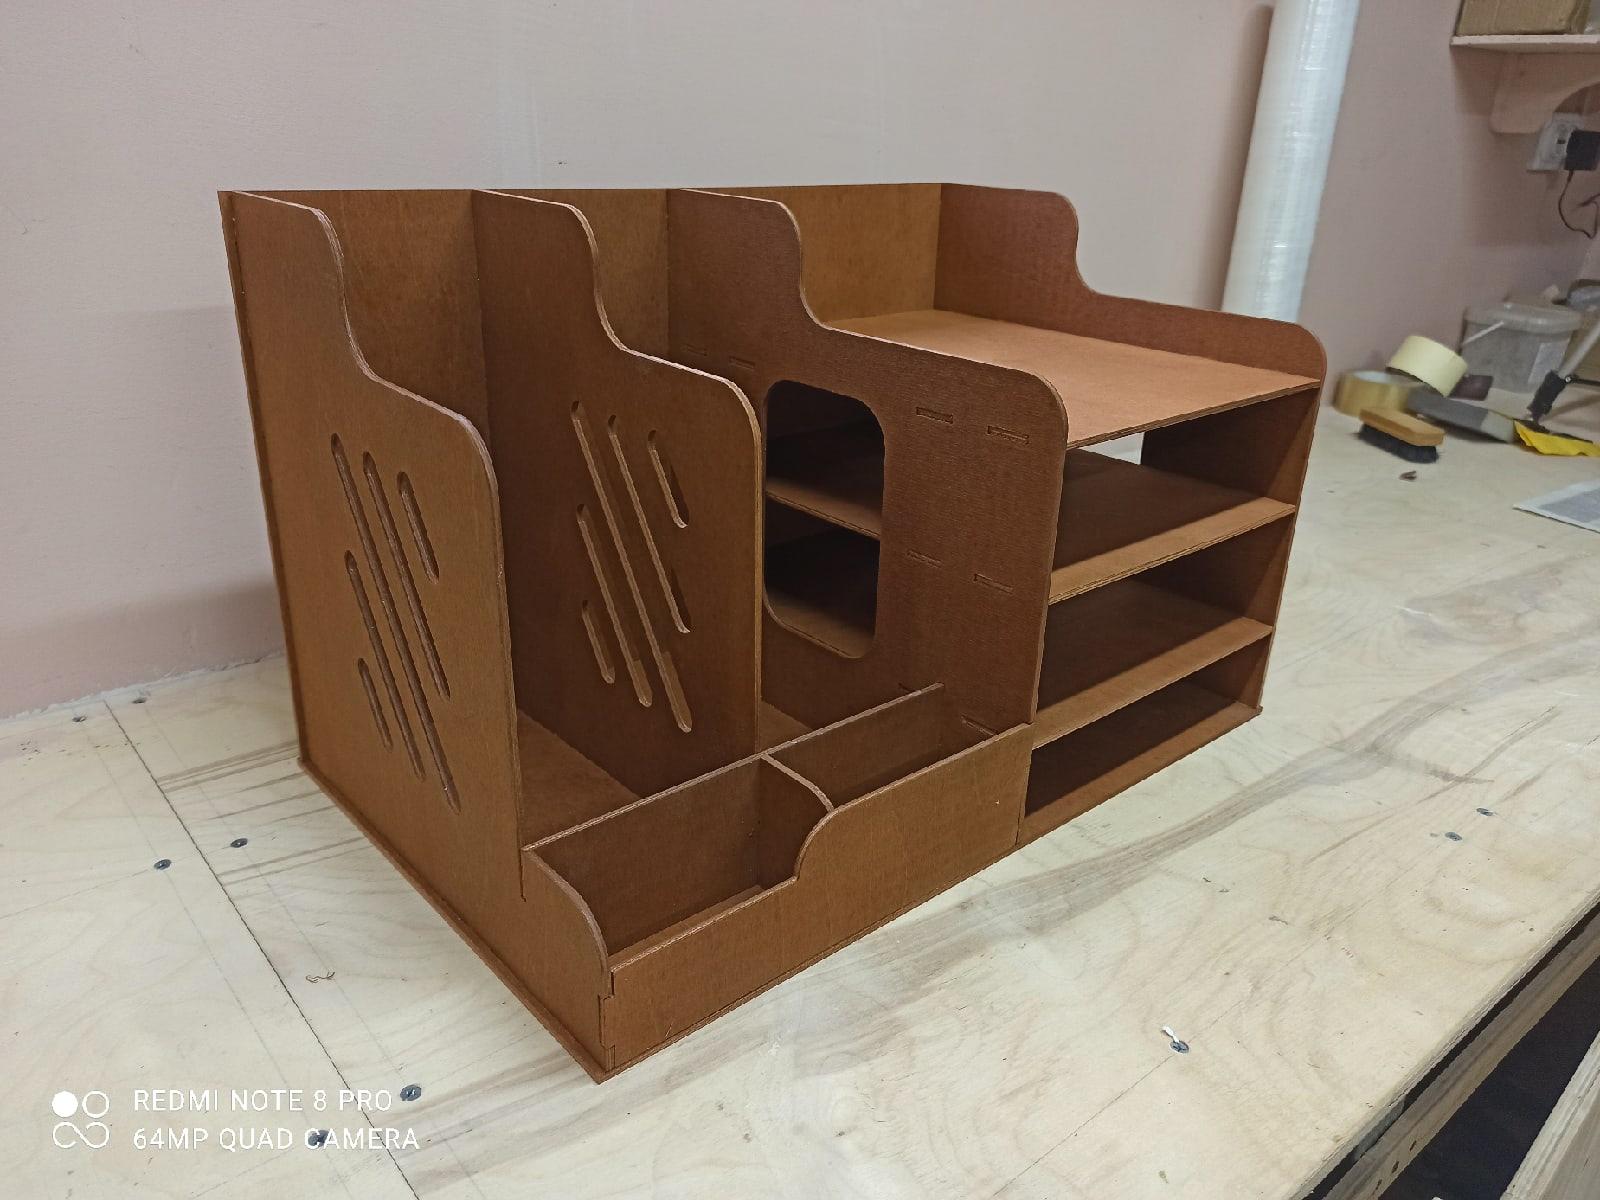 Laser Cut Wooden Desk Organizer For File Folder DXF File